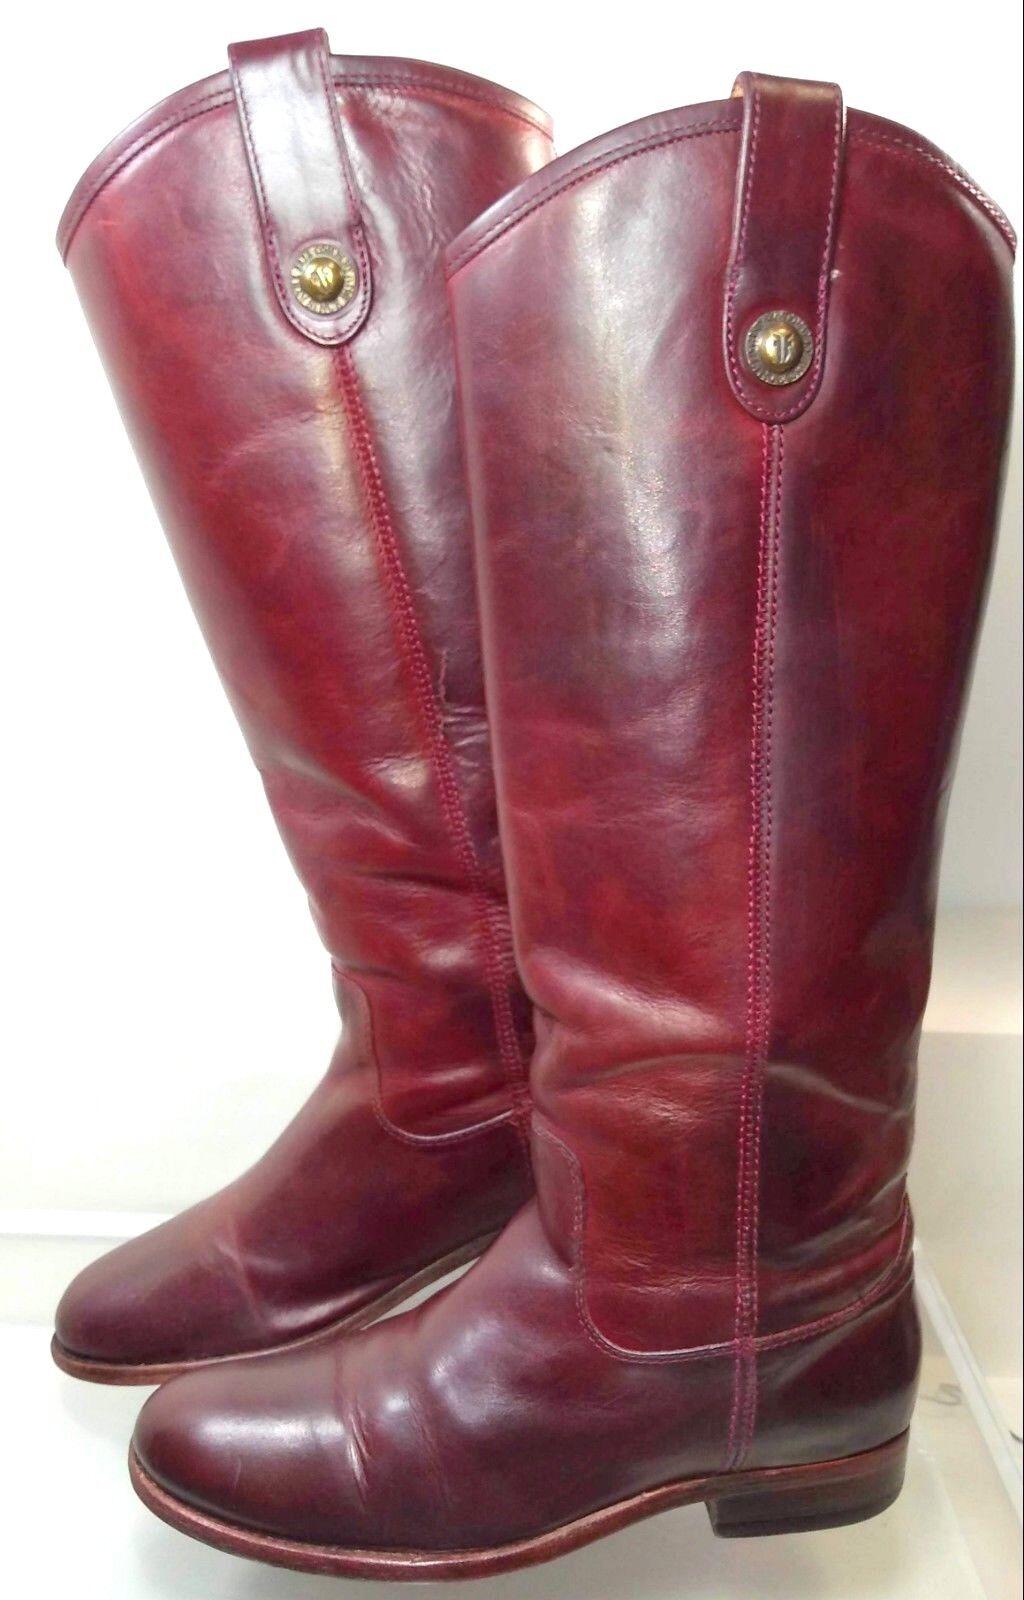 Frye Melissa Botón Rojo Rojo Rojo Cuero botas De Montar Mujer EE. UU. 5.5 Hecho En México 77167 d52a9a